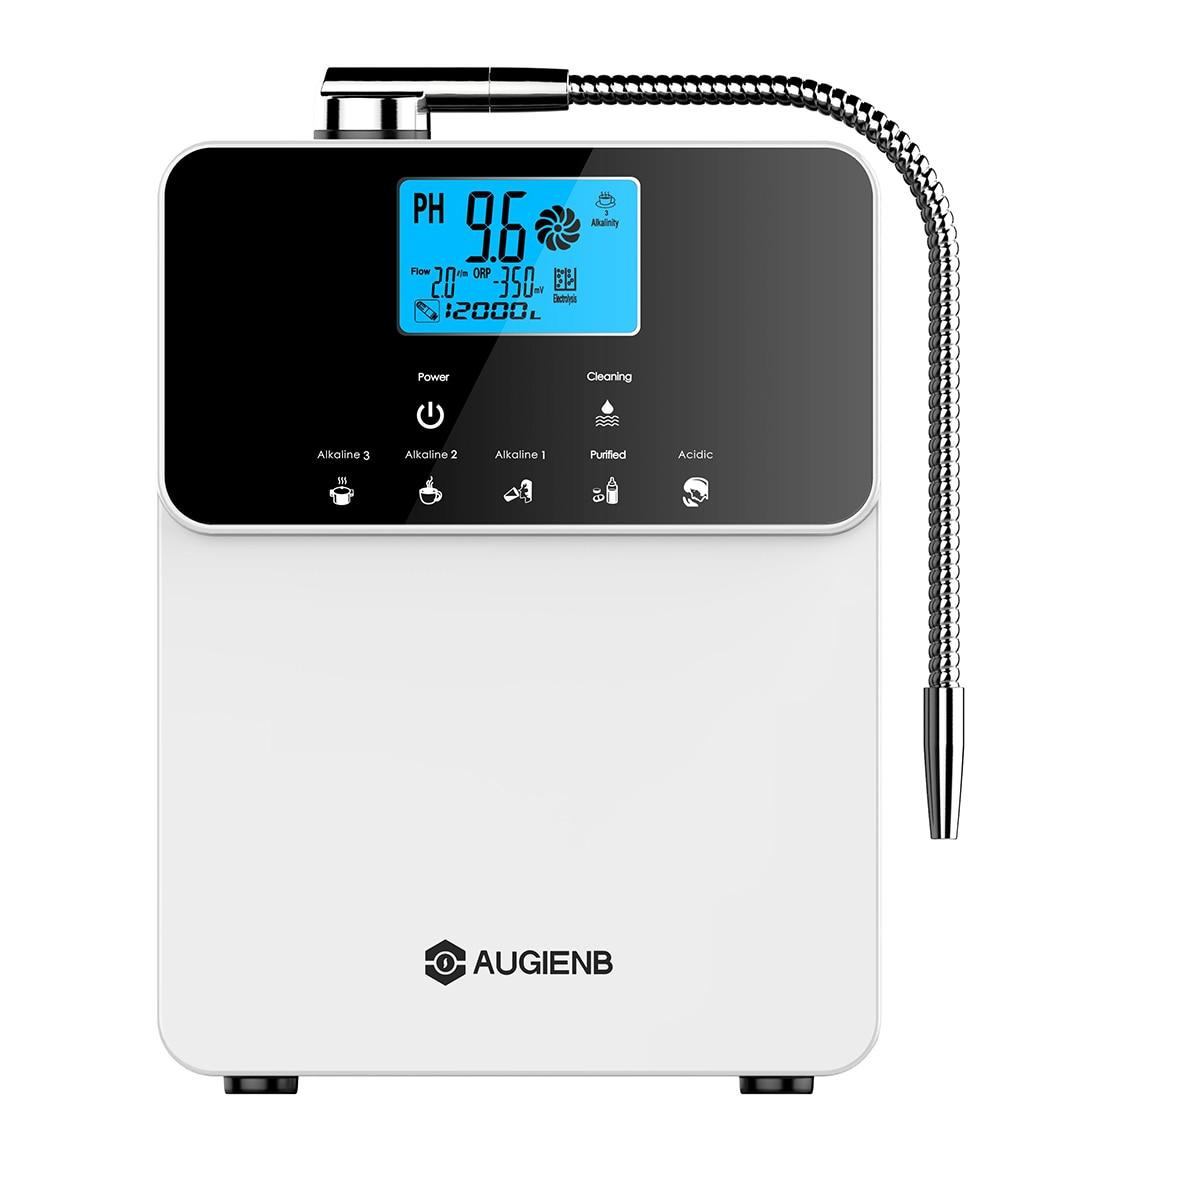 Augienb 12000L ионизатор воды очиститель машина PH3.5-11 отрегулировать со щелочной кислотой 5 режимов настройки авто-Чистка ЖК-сенсорный фильтр для ...